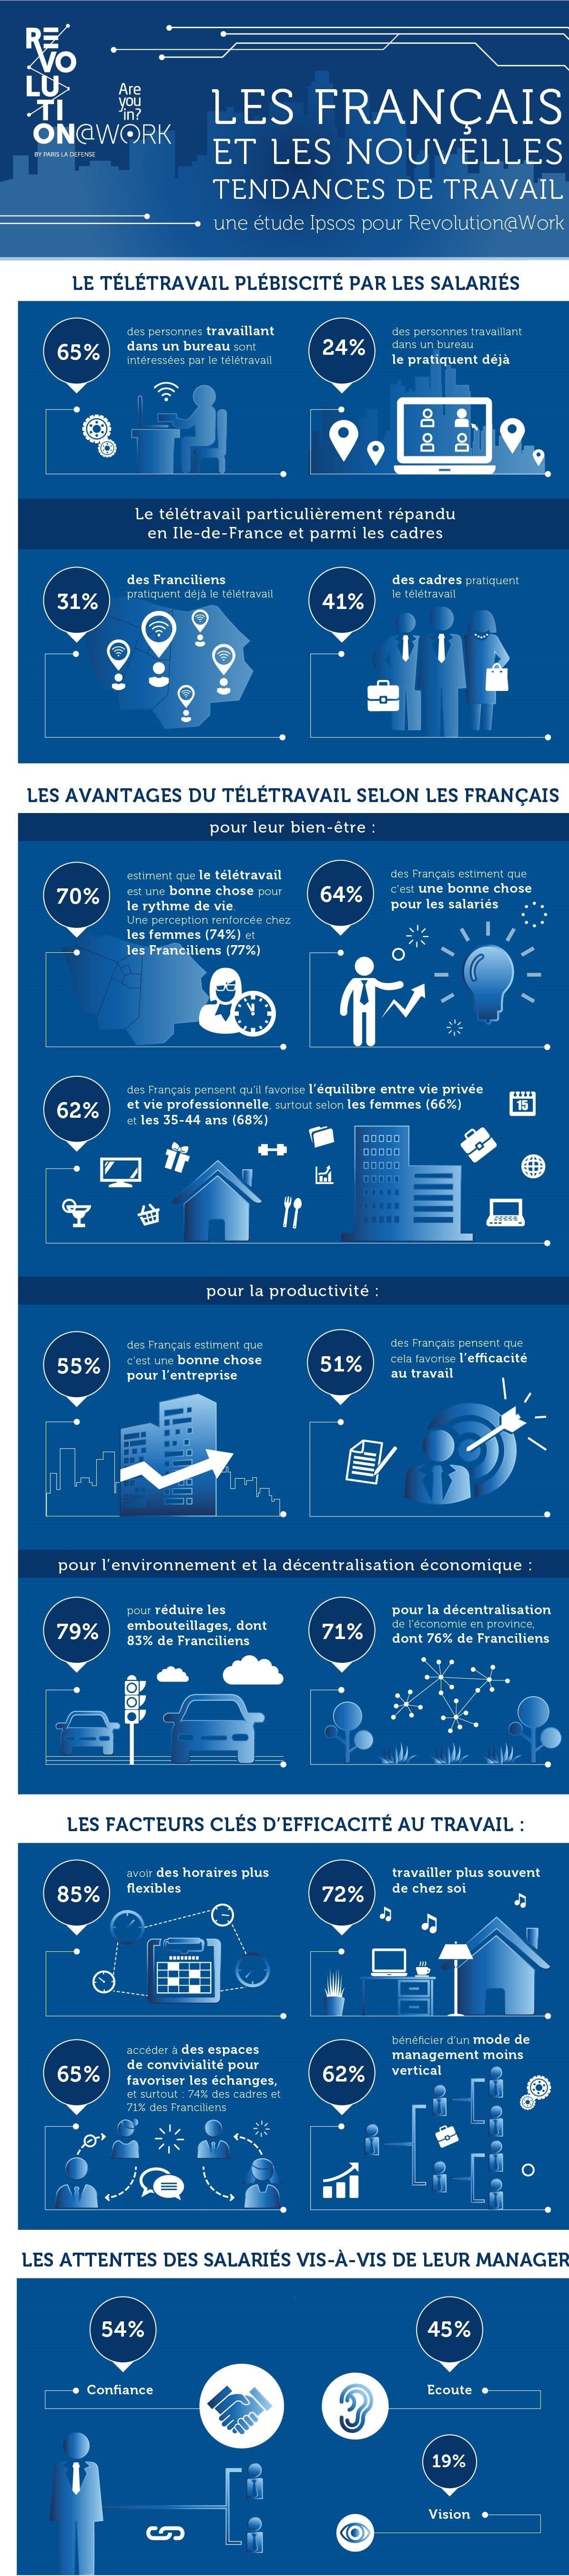 Les Français plébiscitent le télétravail et des horaires plus flexibles pour plus d'efficacité